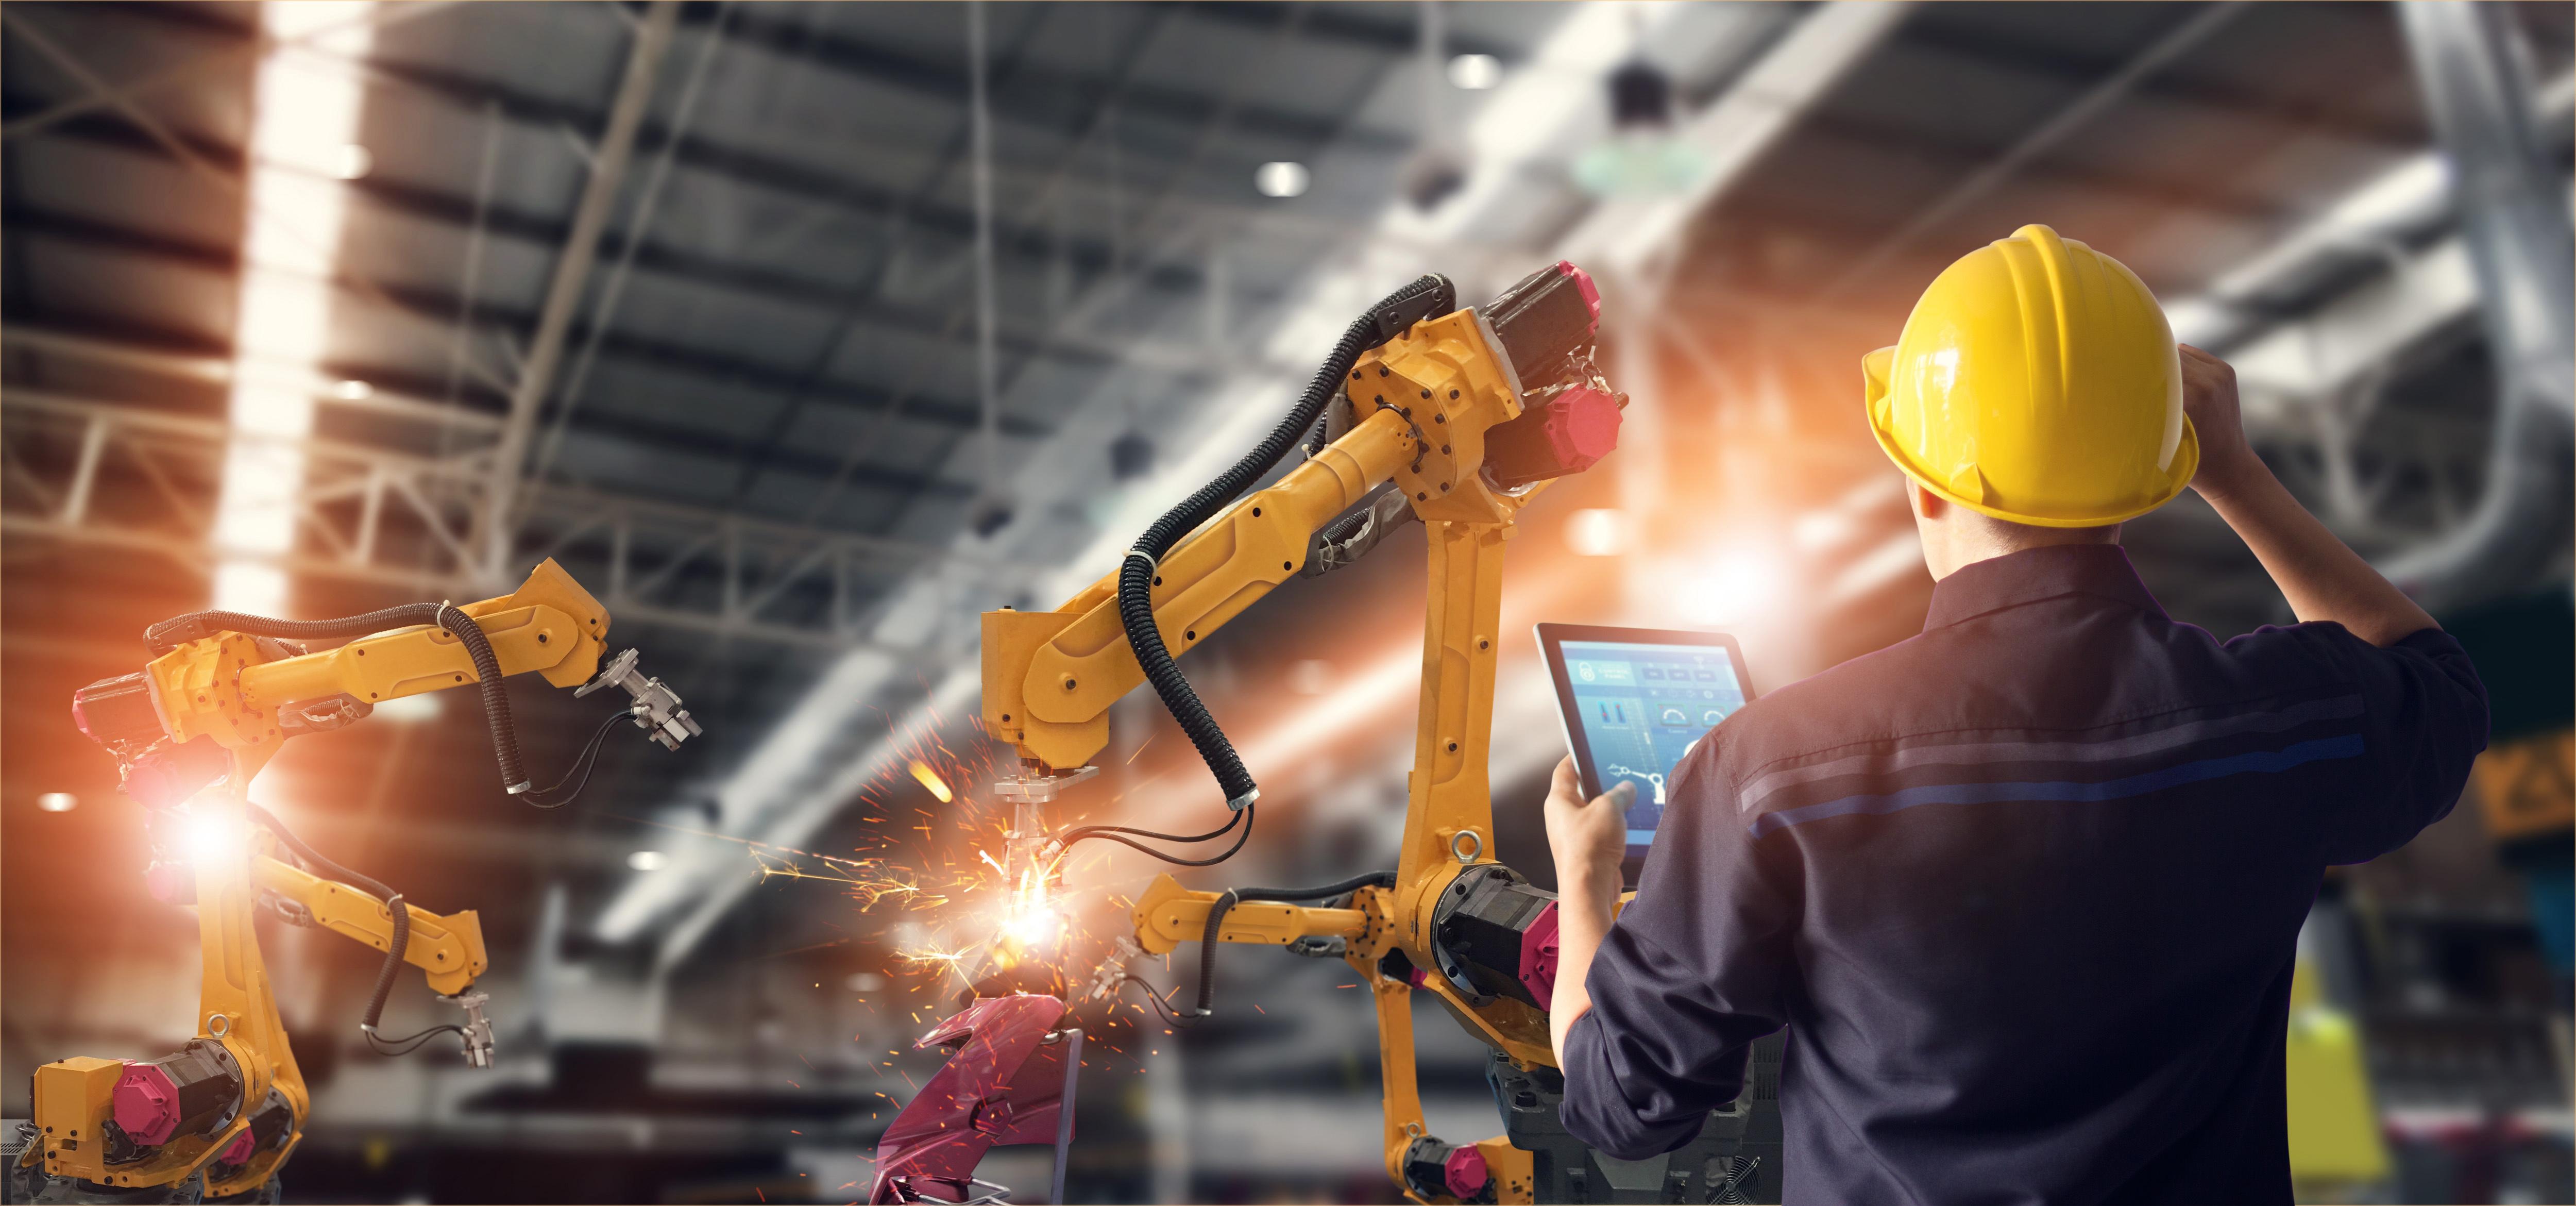 От чего нужно защищать цифровую промышленность